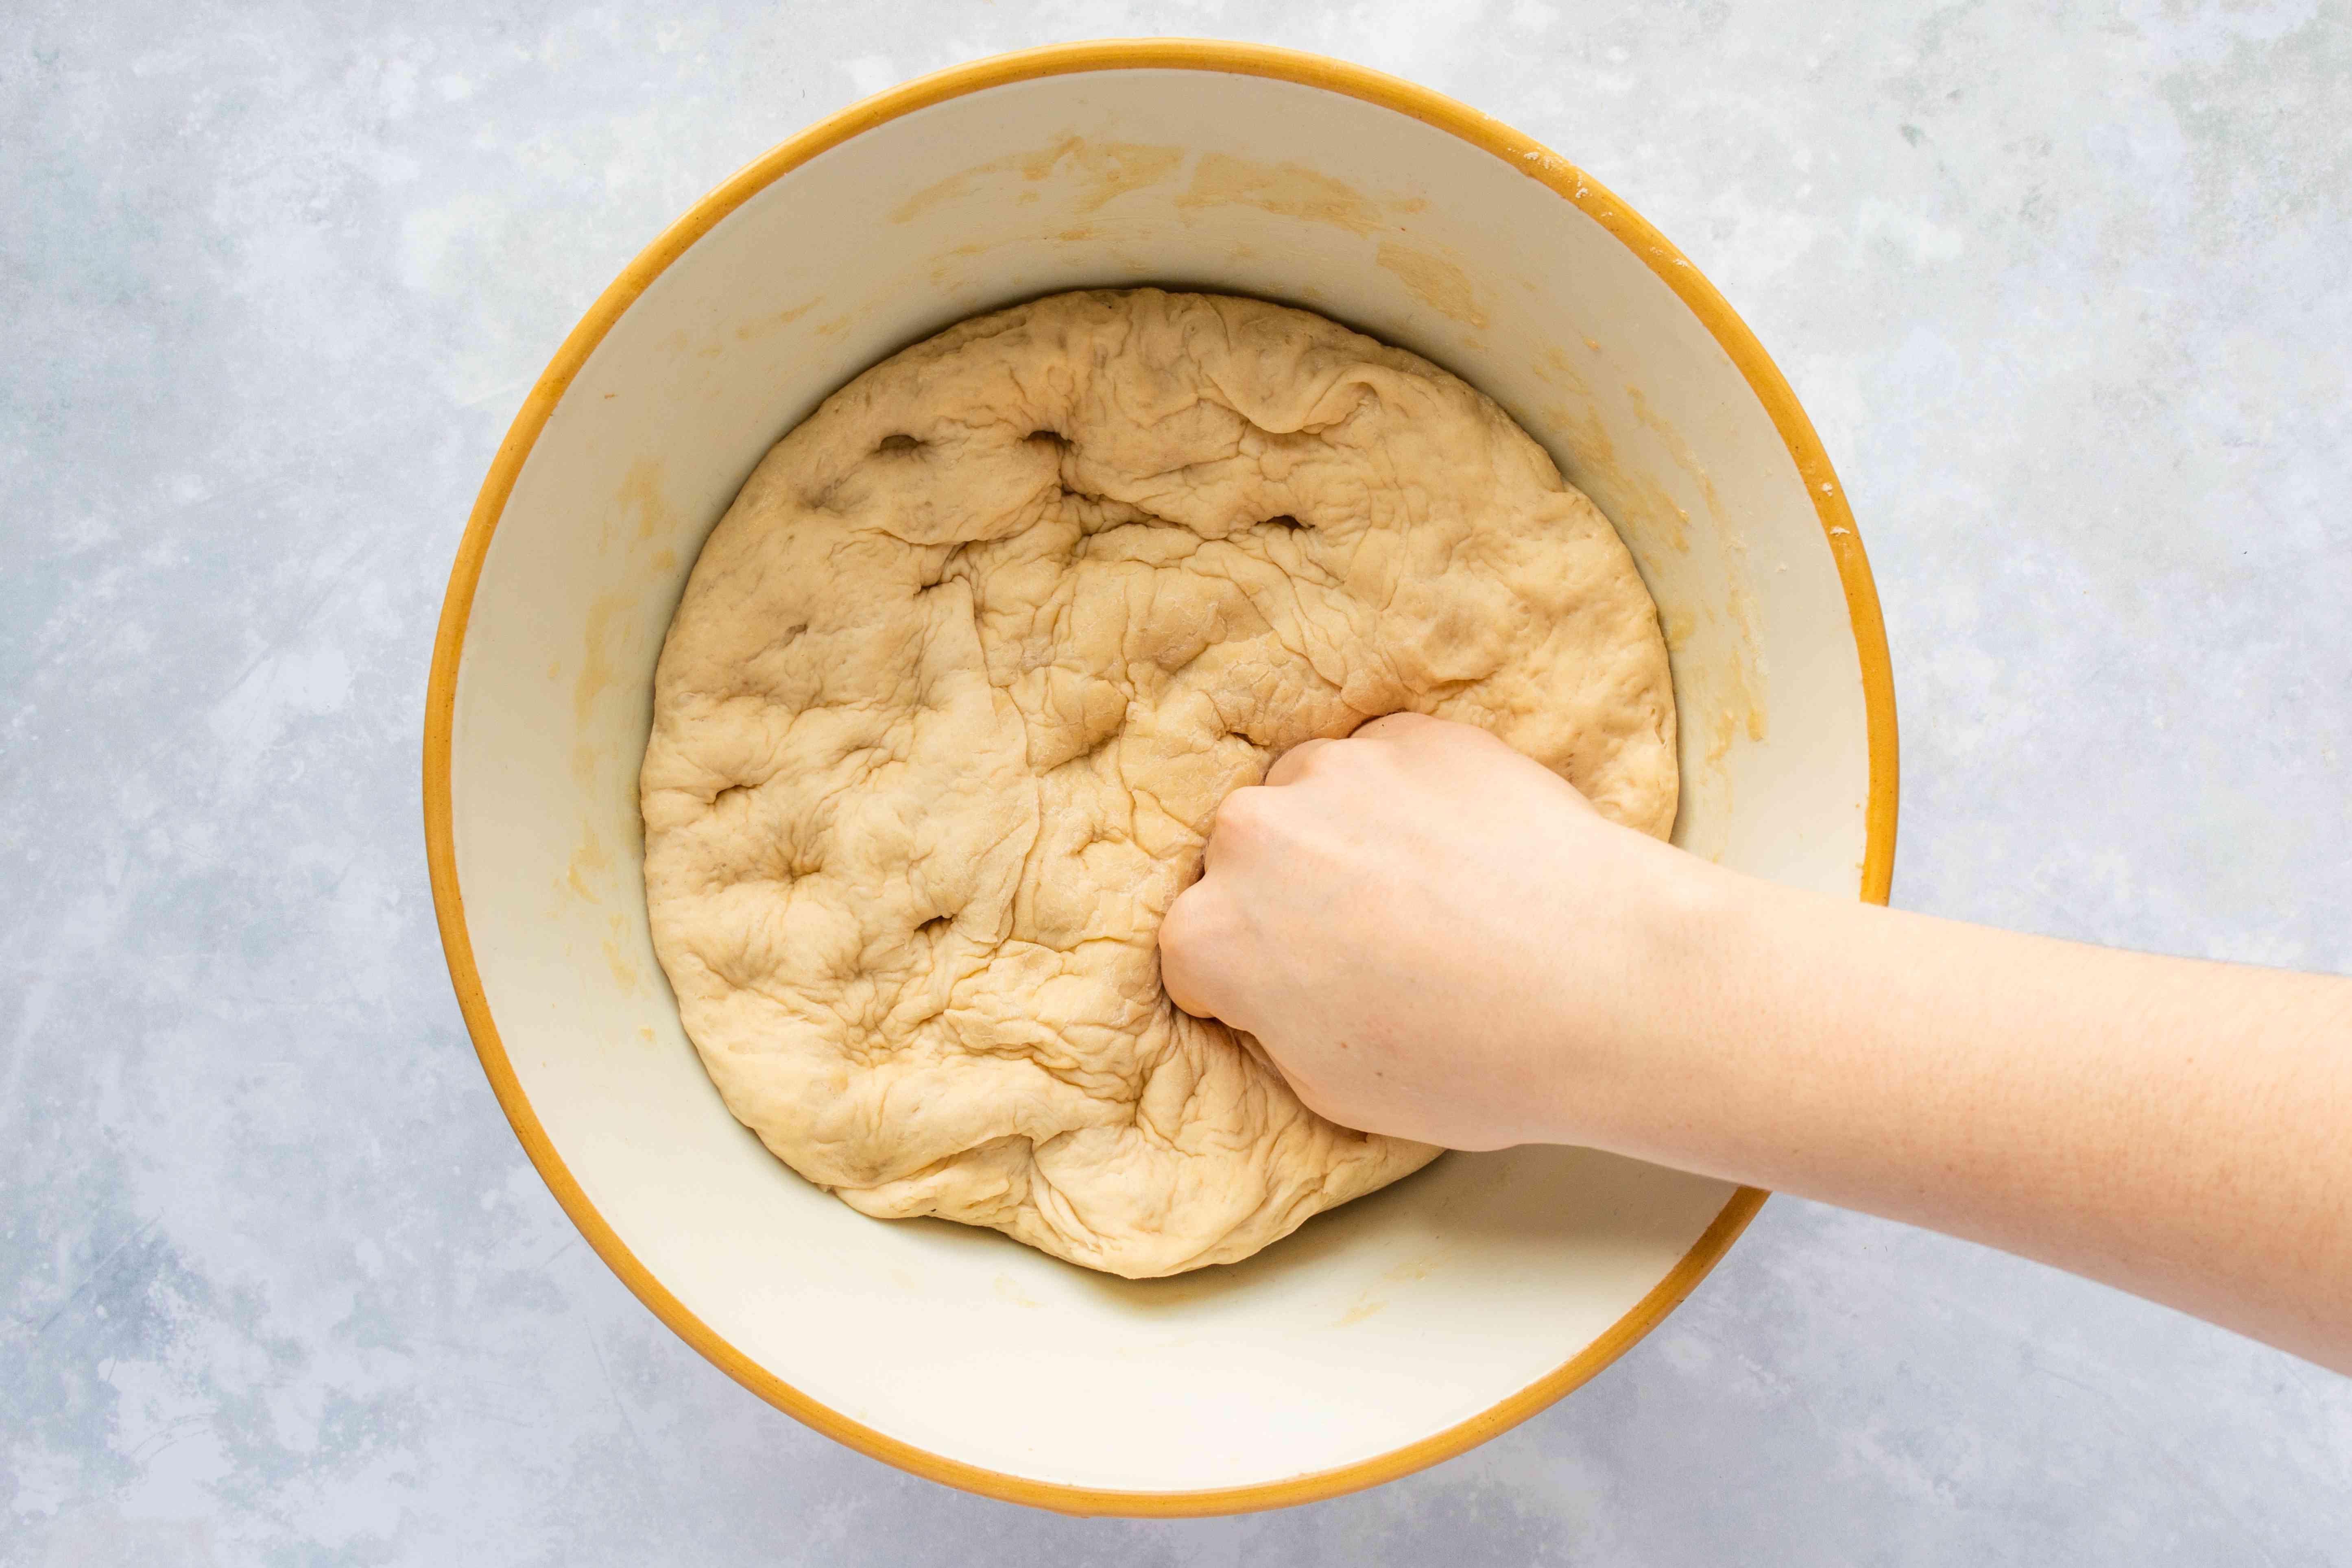 De-gas dough